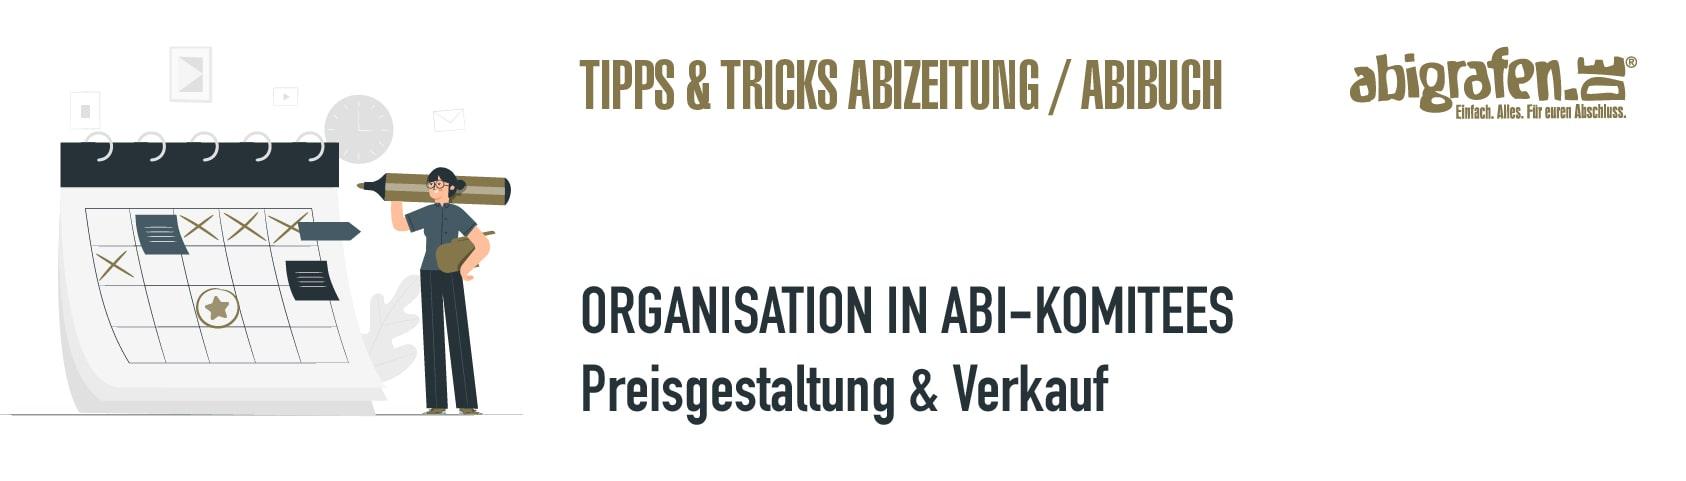 abigrafen-abizeitung-tipps-und-tricks-organisation-verkauf